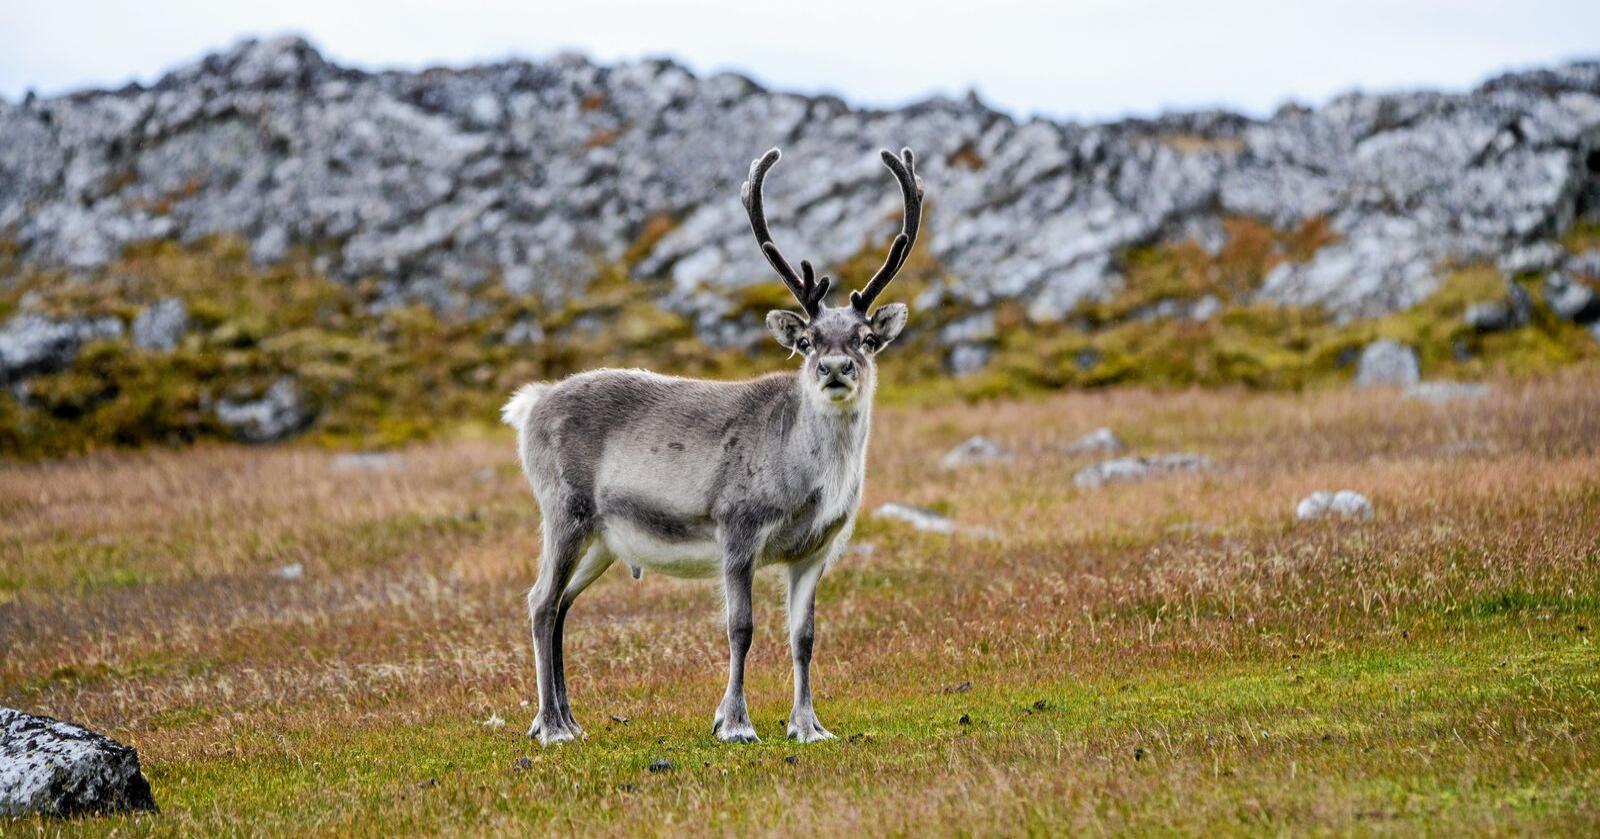 Ulven har allerde drept fire reinsdyr tilhørende Rendal Renselskap. Nå frykter de at ulven skal gå inn i samenes område. Foto: Colourbox